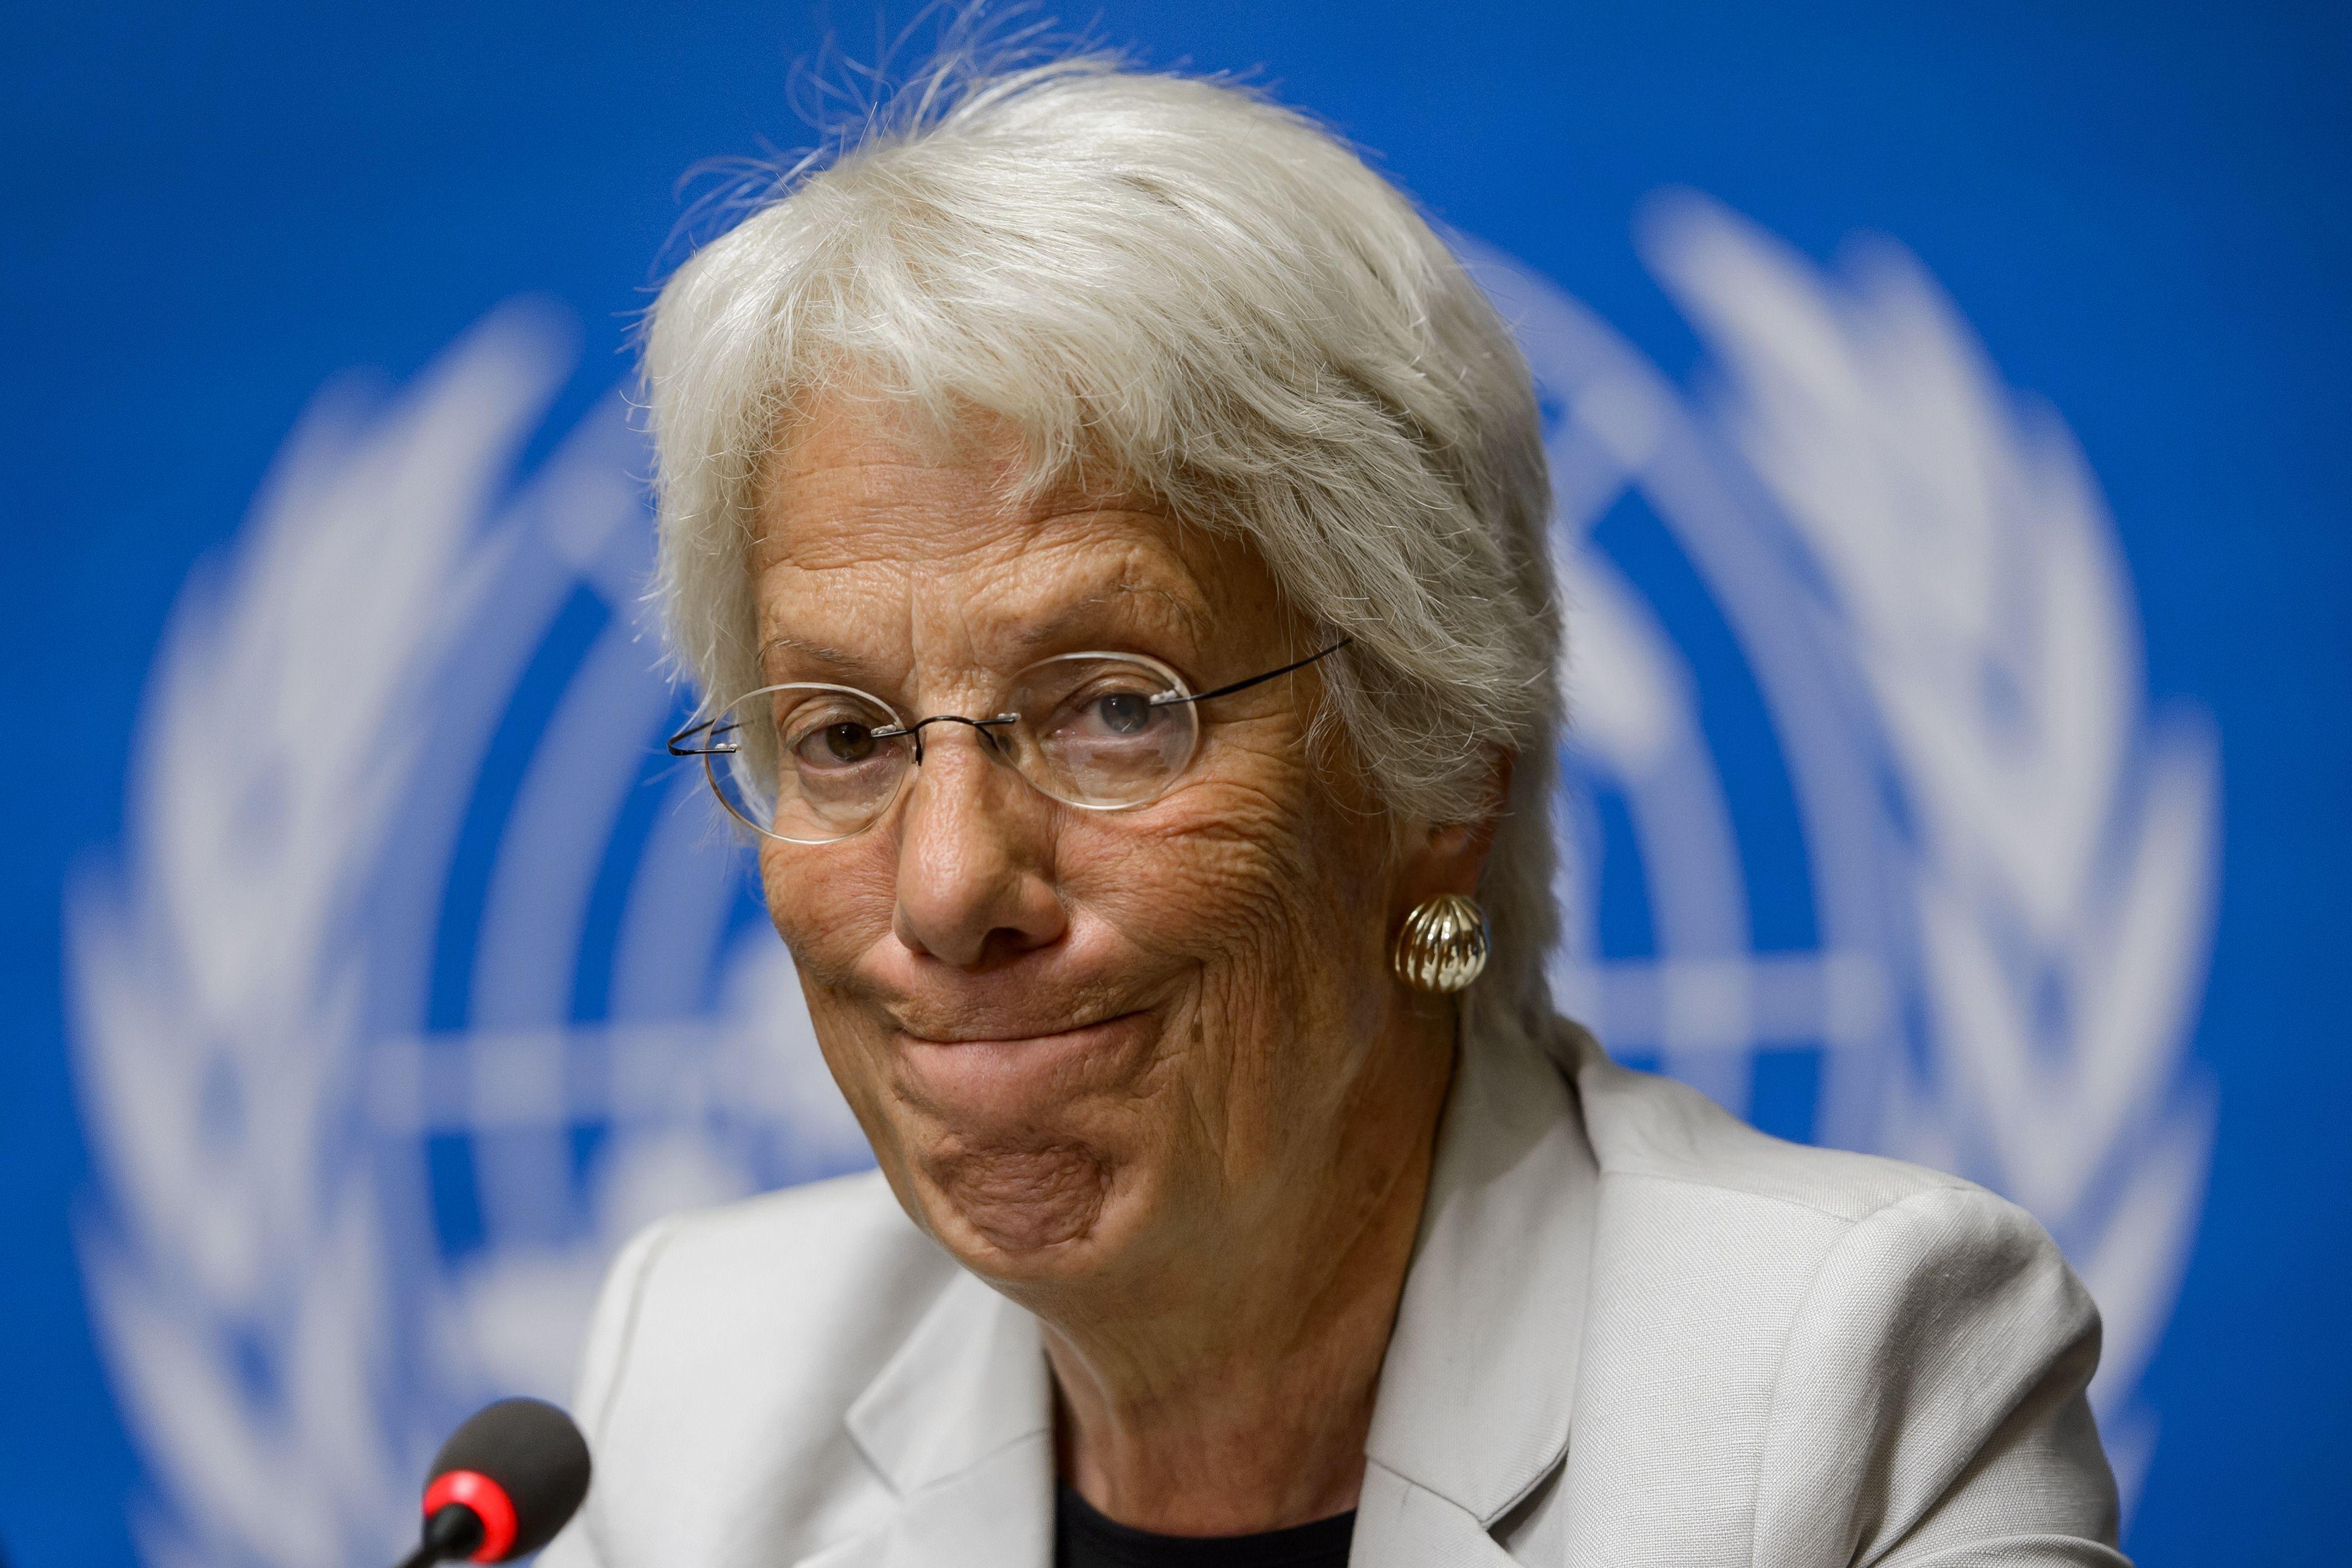 Syria investigator Carla del Ponte quits, blaming UN Security Council